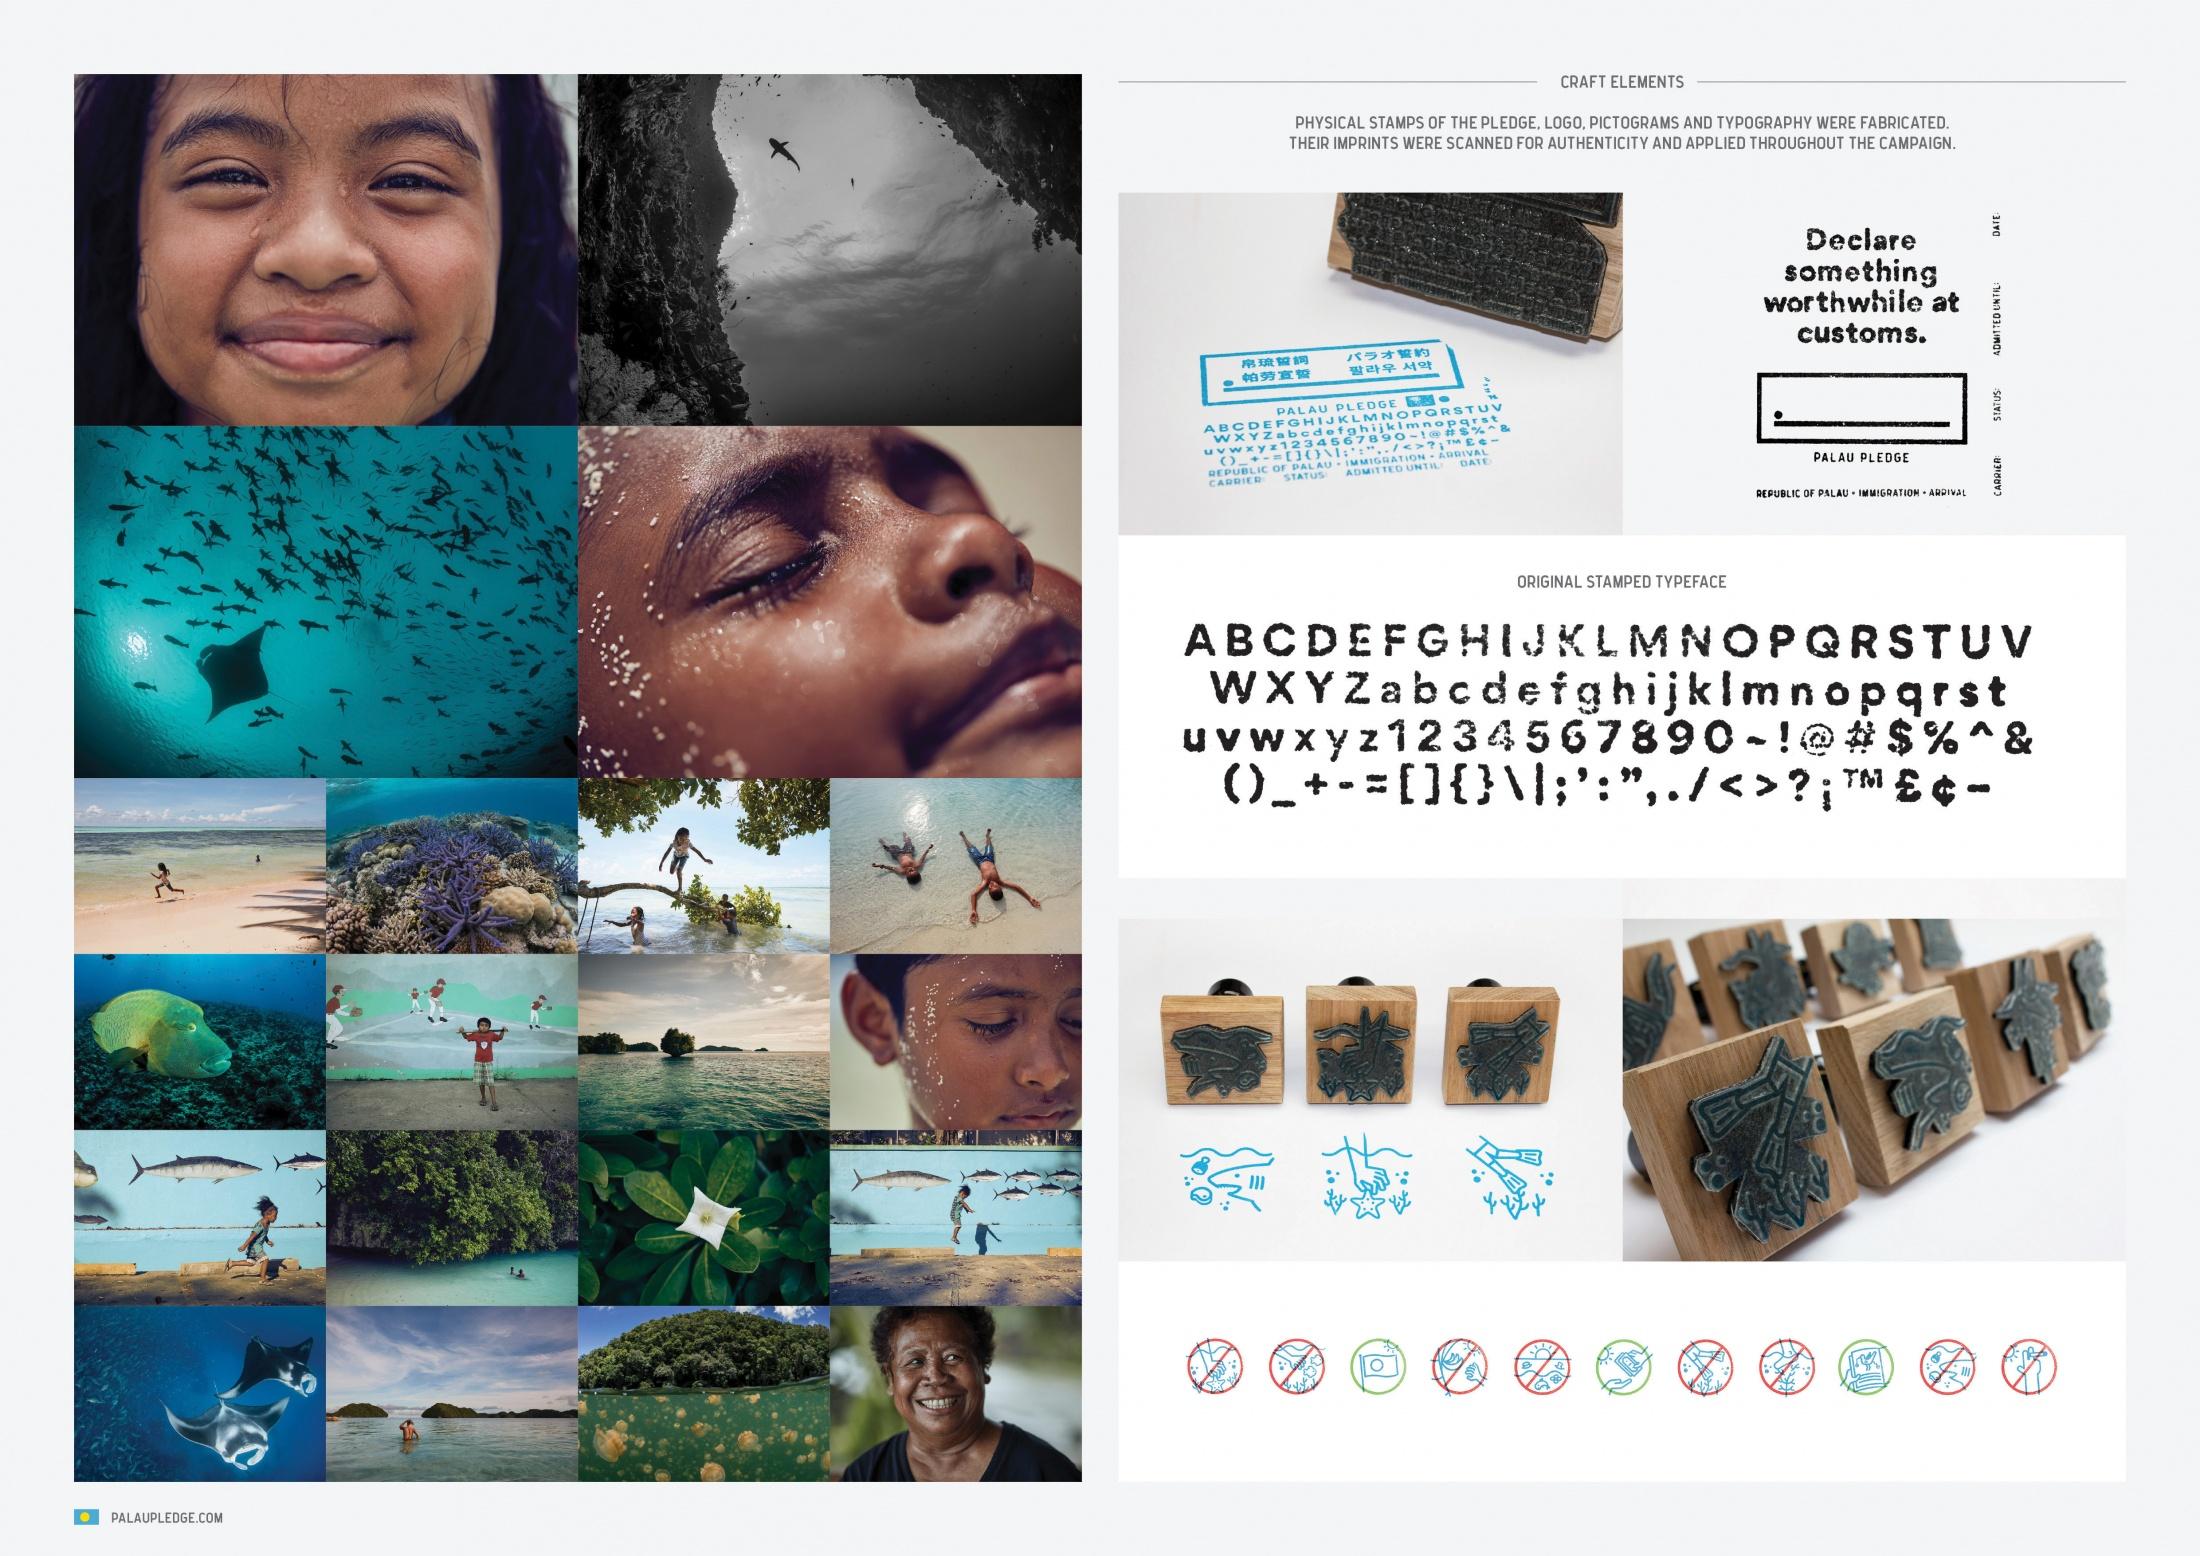 Thumbnail for Palau Pledge